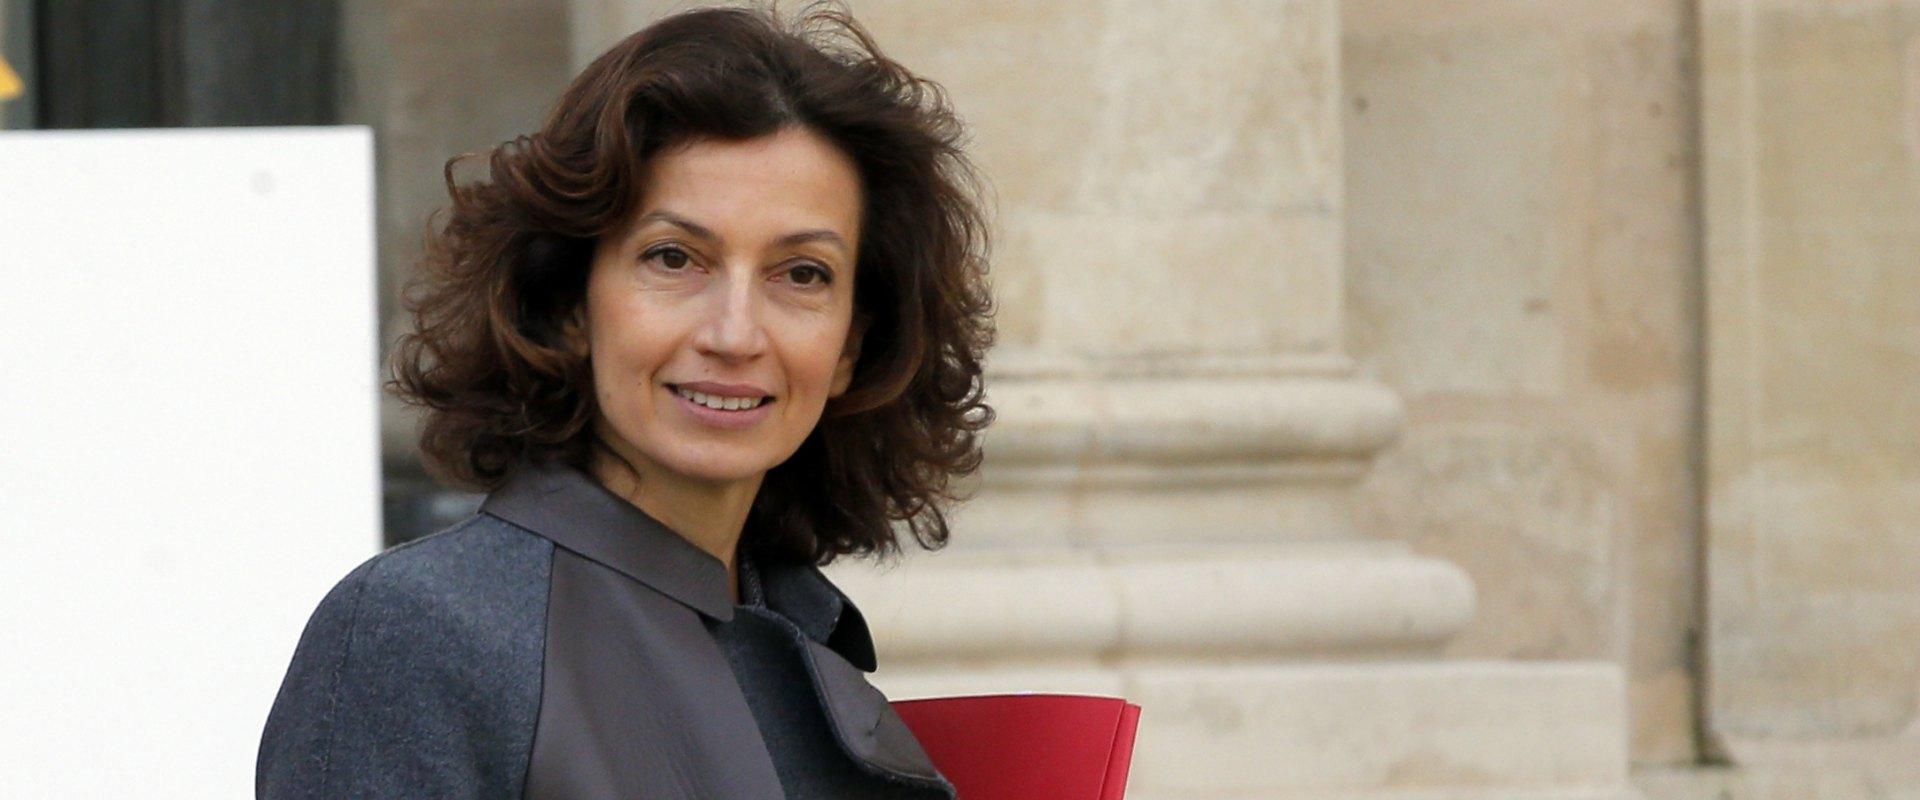 שרת התרבות לשעבר של צרפת, אודרי אזולאי